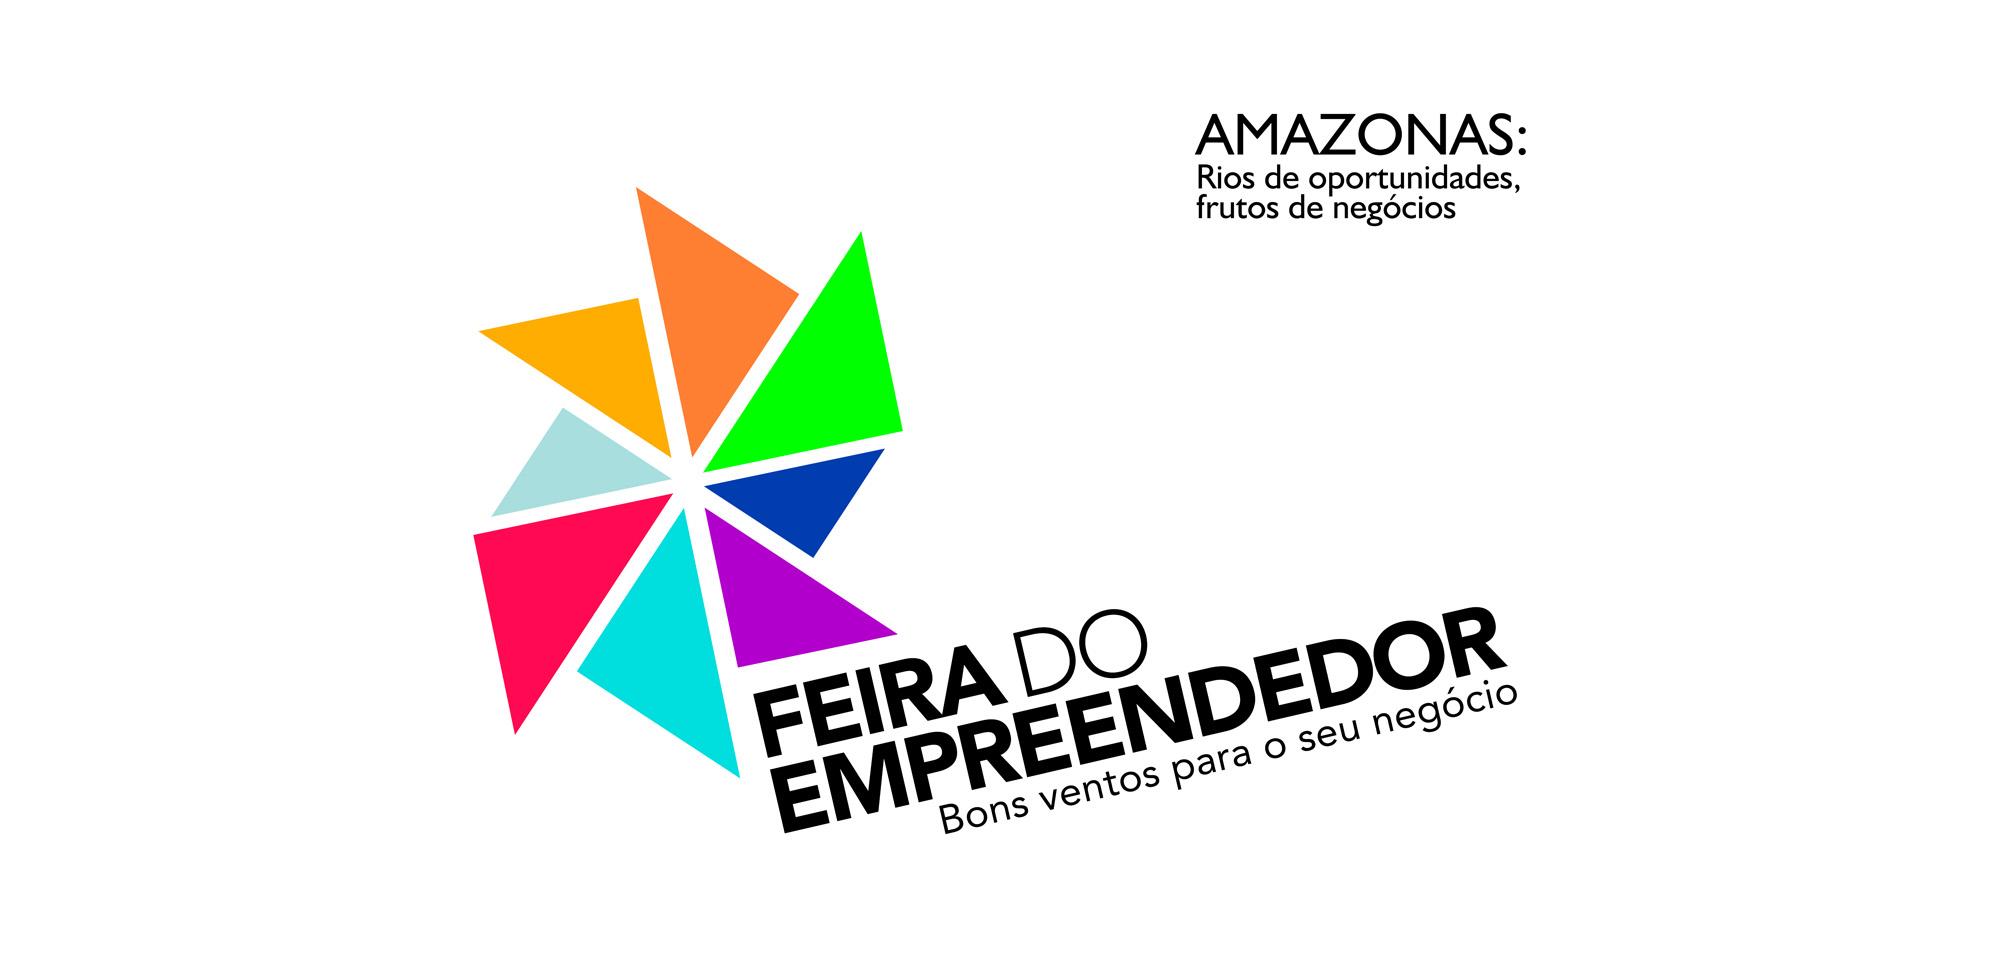 Feira do Empreendedor - Sebrae (2014)